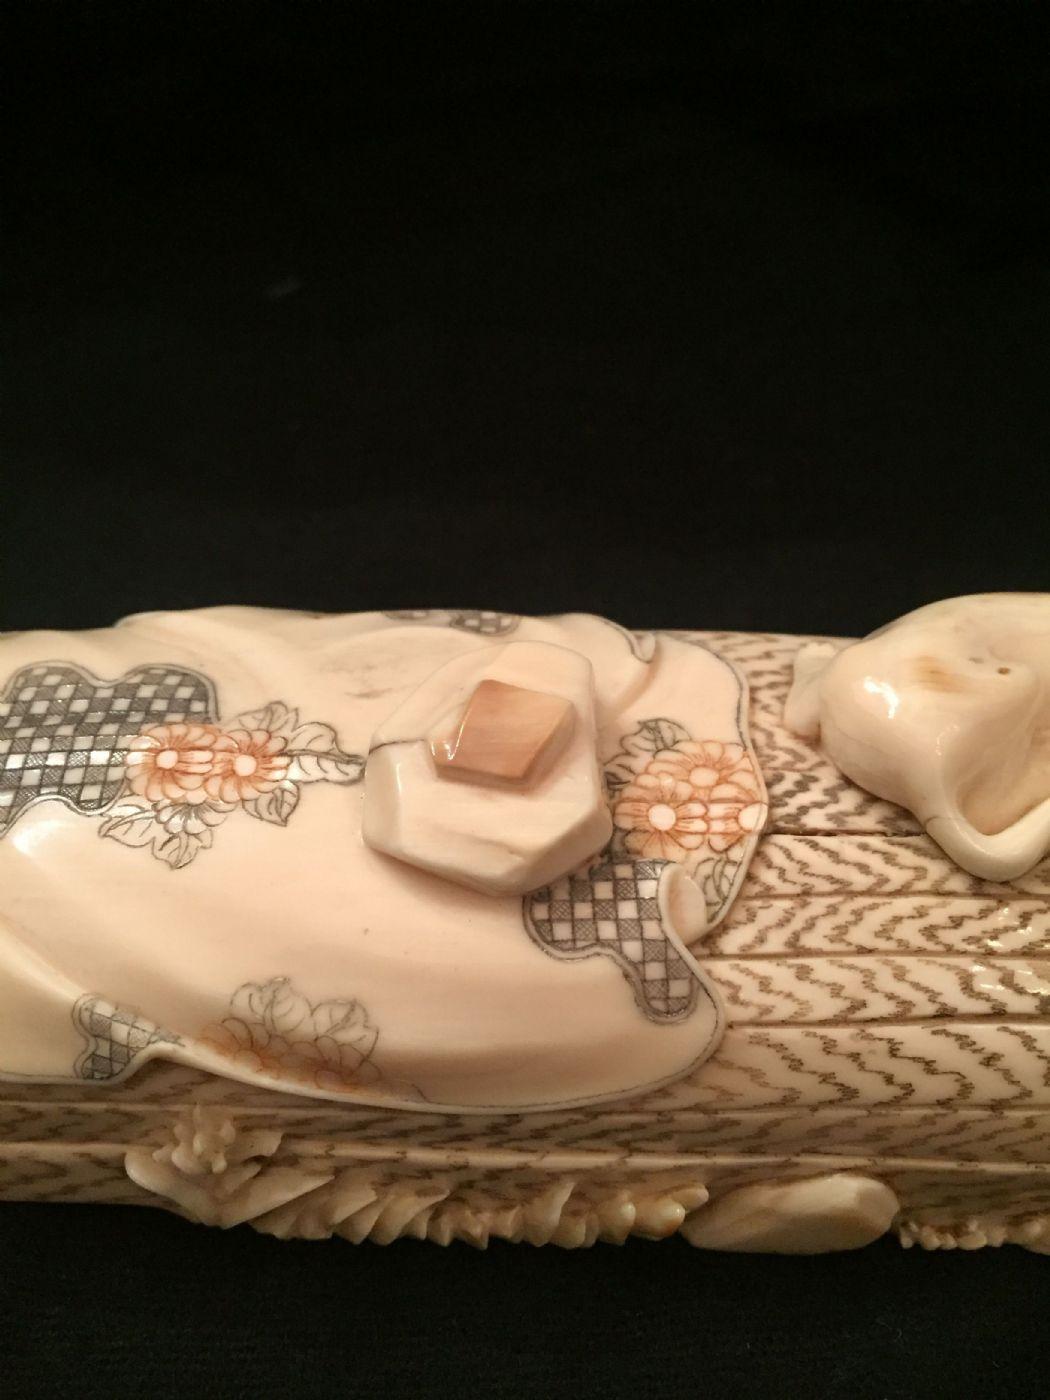 thumb3|Okimono giapponese in corno vintage fine XIX secolo.